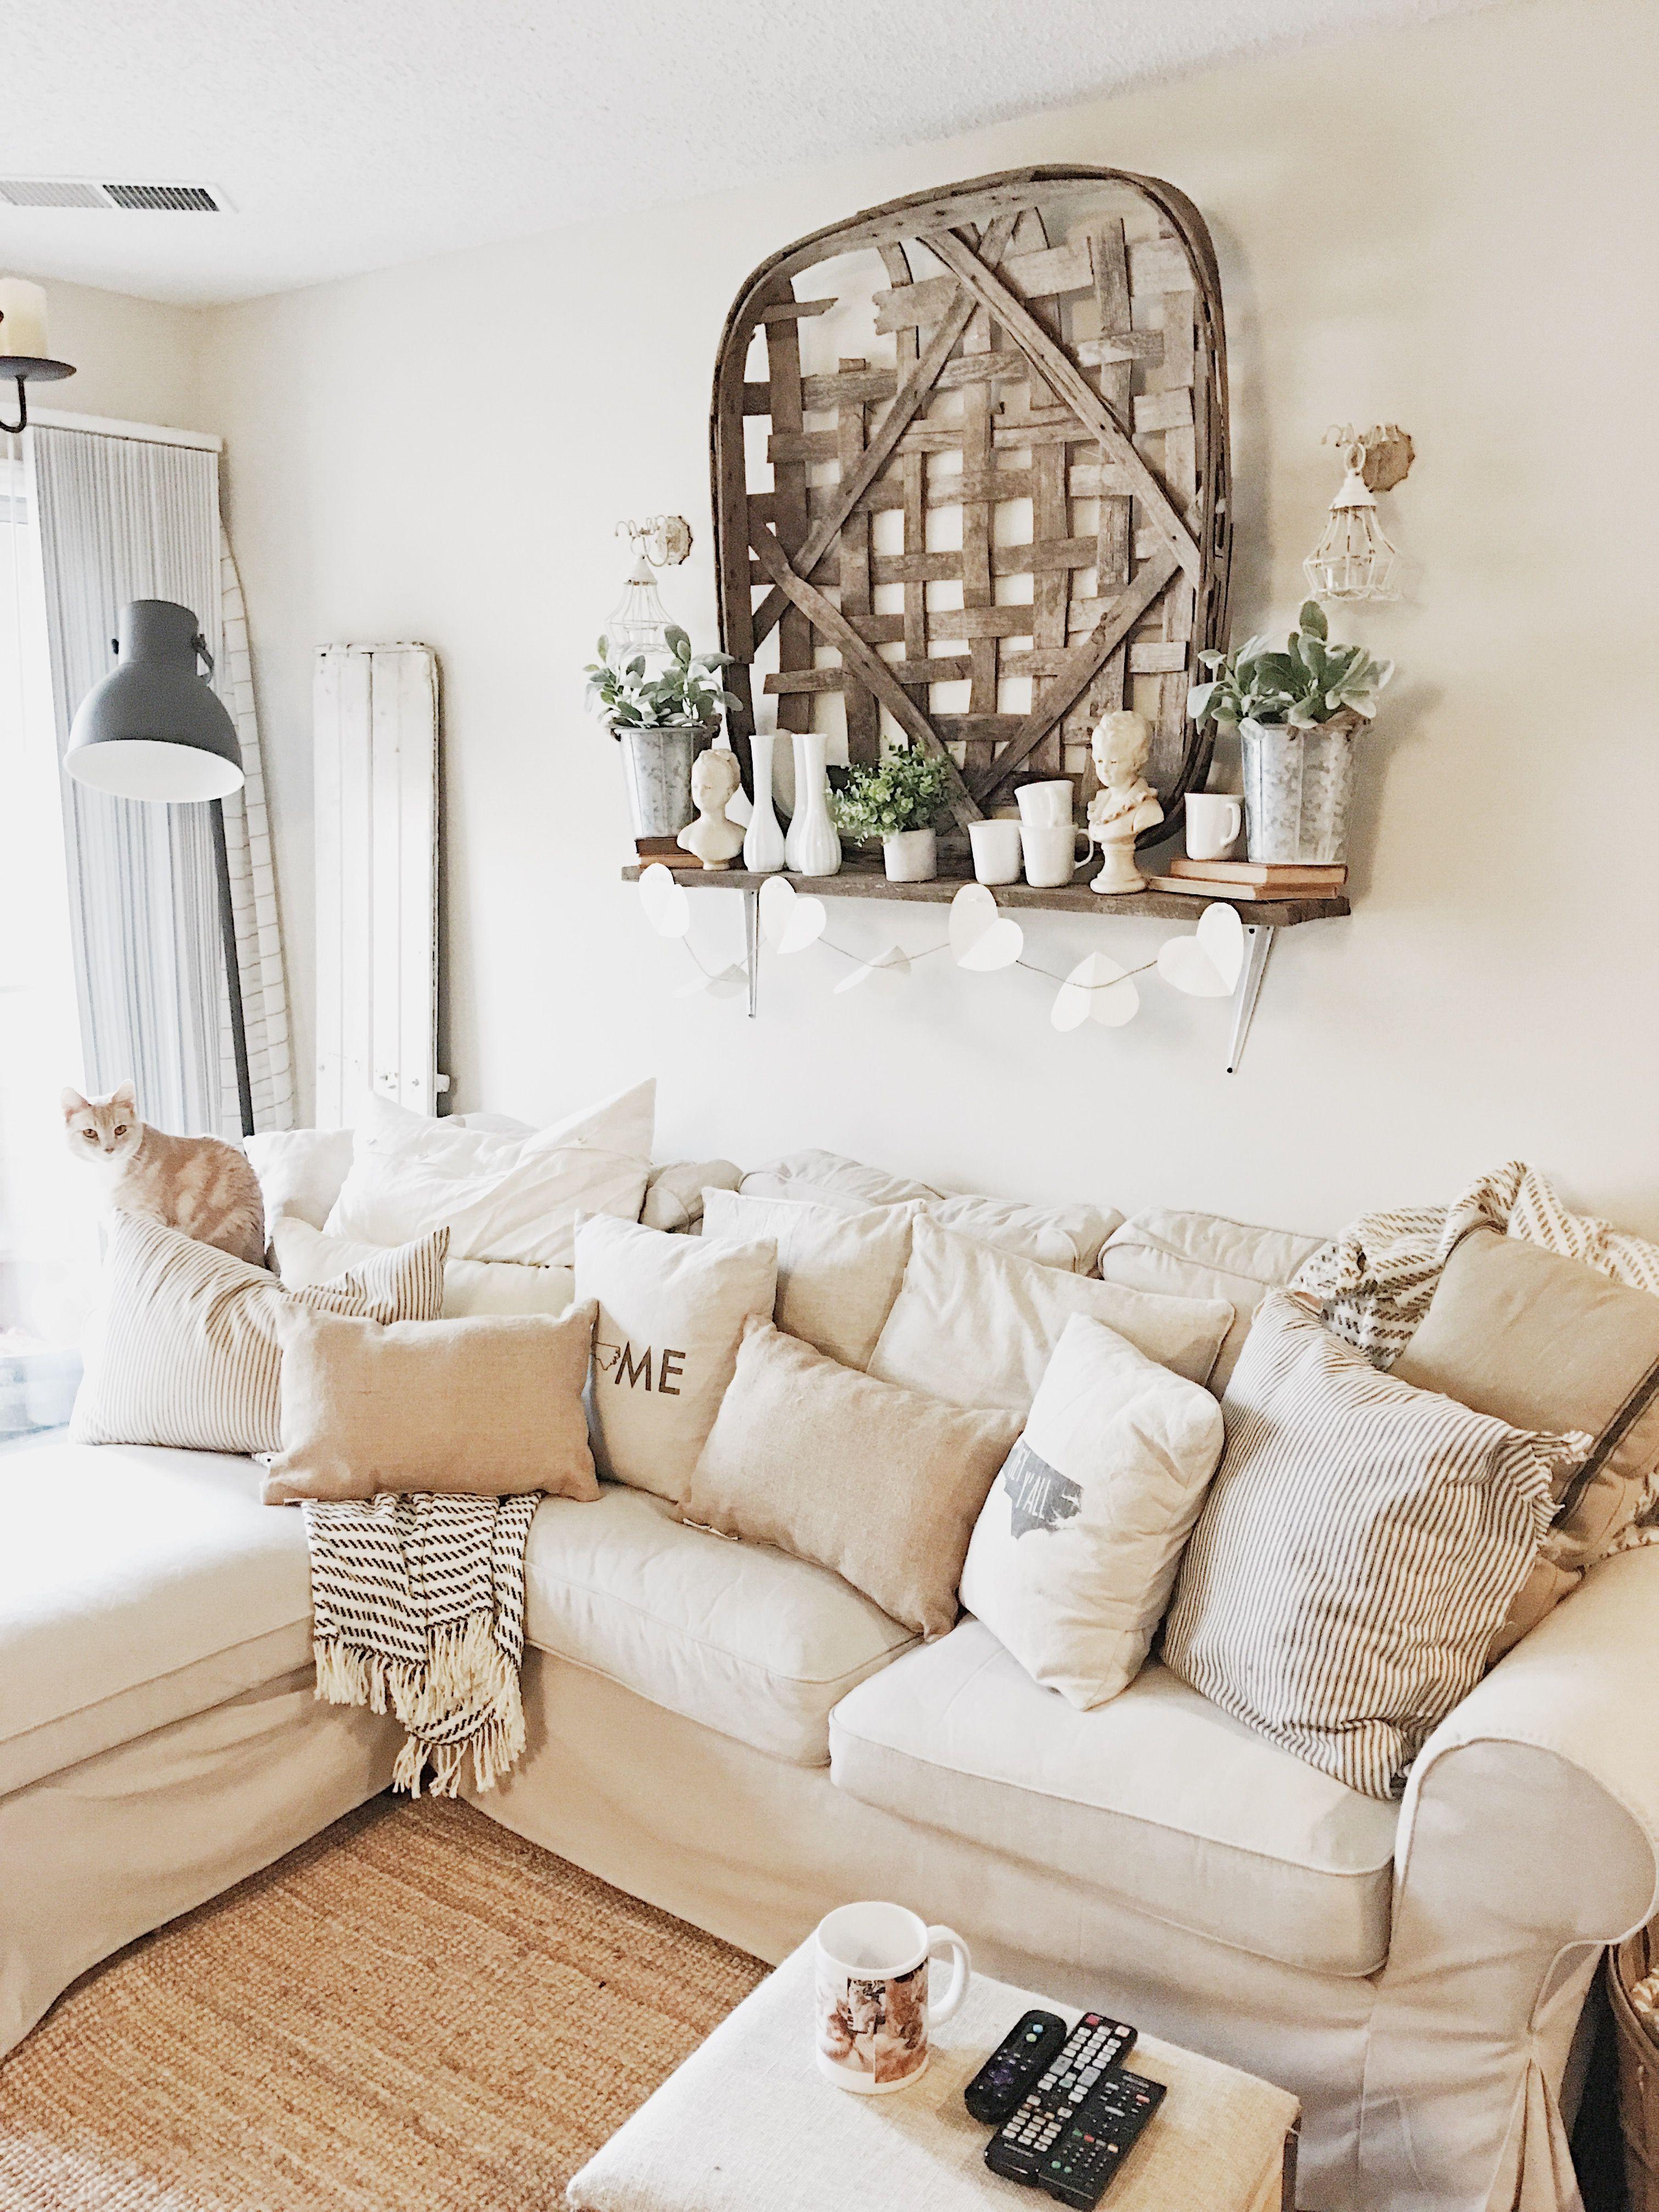 19+ Farmhouse style living room decor ideas